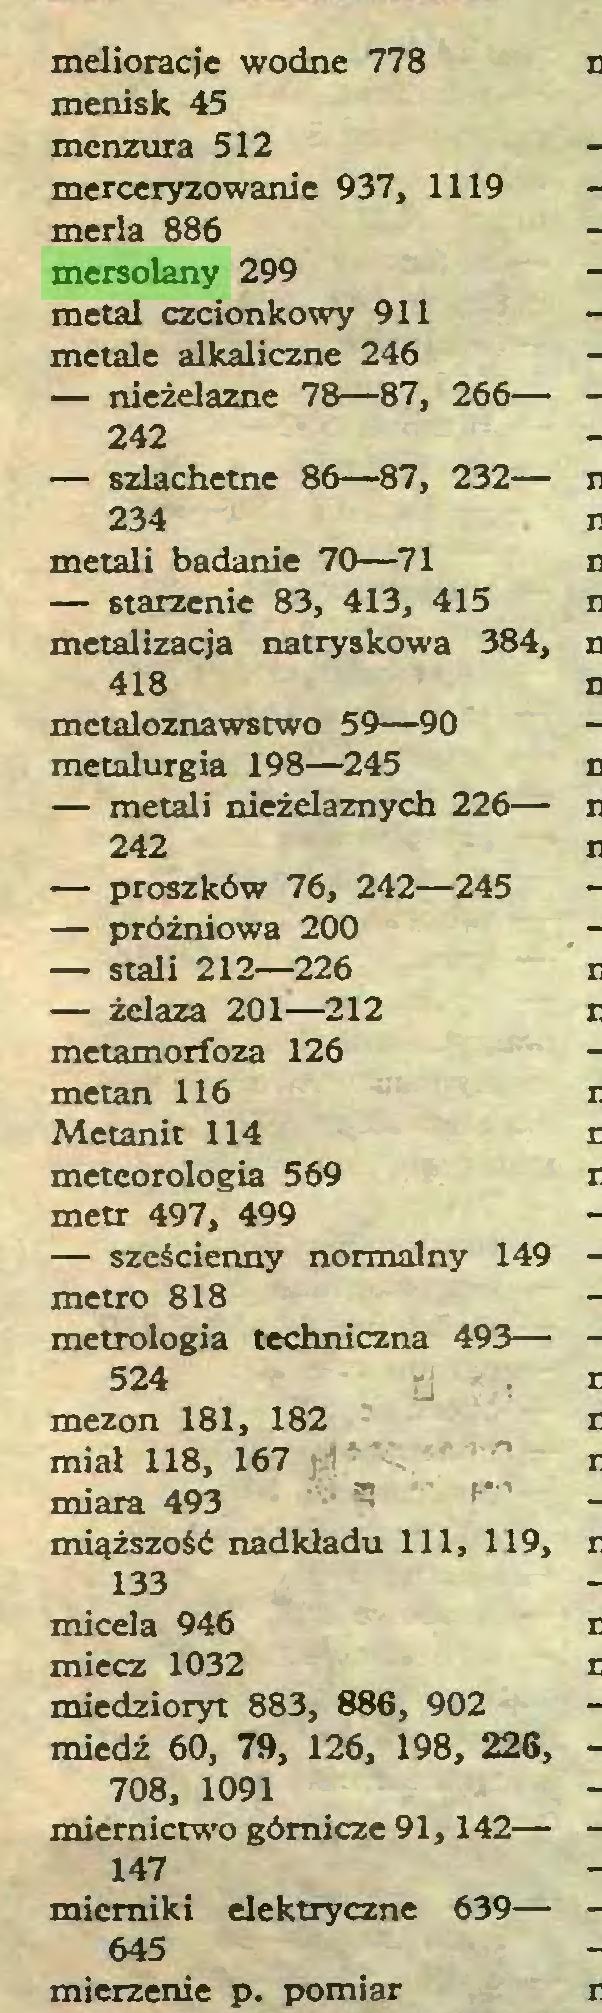 (...) melioracje wodne 778 menisk 45 menzura 512 merceryzowanie 937, 1119 merla 886 mersolany 299 metal czcionkowy 911 metale alkaliczne 246 — nieżelazne 78—87, 266— 242 — szlachetne 86—87, 232— 234 metali badanie 70—71 — starzenie 83, 413, 415 metalizacja natryskowa 384, 418 metaloznawstwo 59—90 metalurgia 198—245 — metali nieżelaznych 226— 242 — proszków 76, 242—245 — próżniowa 200 — stali 212—226 — żelaza 201—212 metamorfoza 126 metan 116 Metanit 114 meteorologia 569 metr 497, 499 — sześcienny normalny 149 metro 818 metrologia techniczna 493— 524 j mezon 181, 182 miał 118, 167 miara 493 miąższość nadkładu 111, 119, 133 micela 946 miecz 1032 miedzioryt 883, 886, 902 miedź 60, 79, 126, 198, 226, 708, 1091 miernictwo górnicze 91,142— 147 mierniki elektryczne 639— 645 mierzenie p. pomiar...